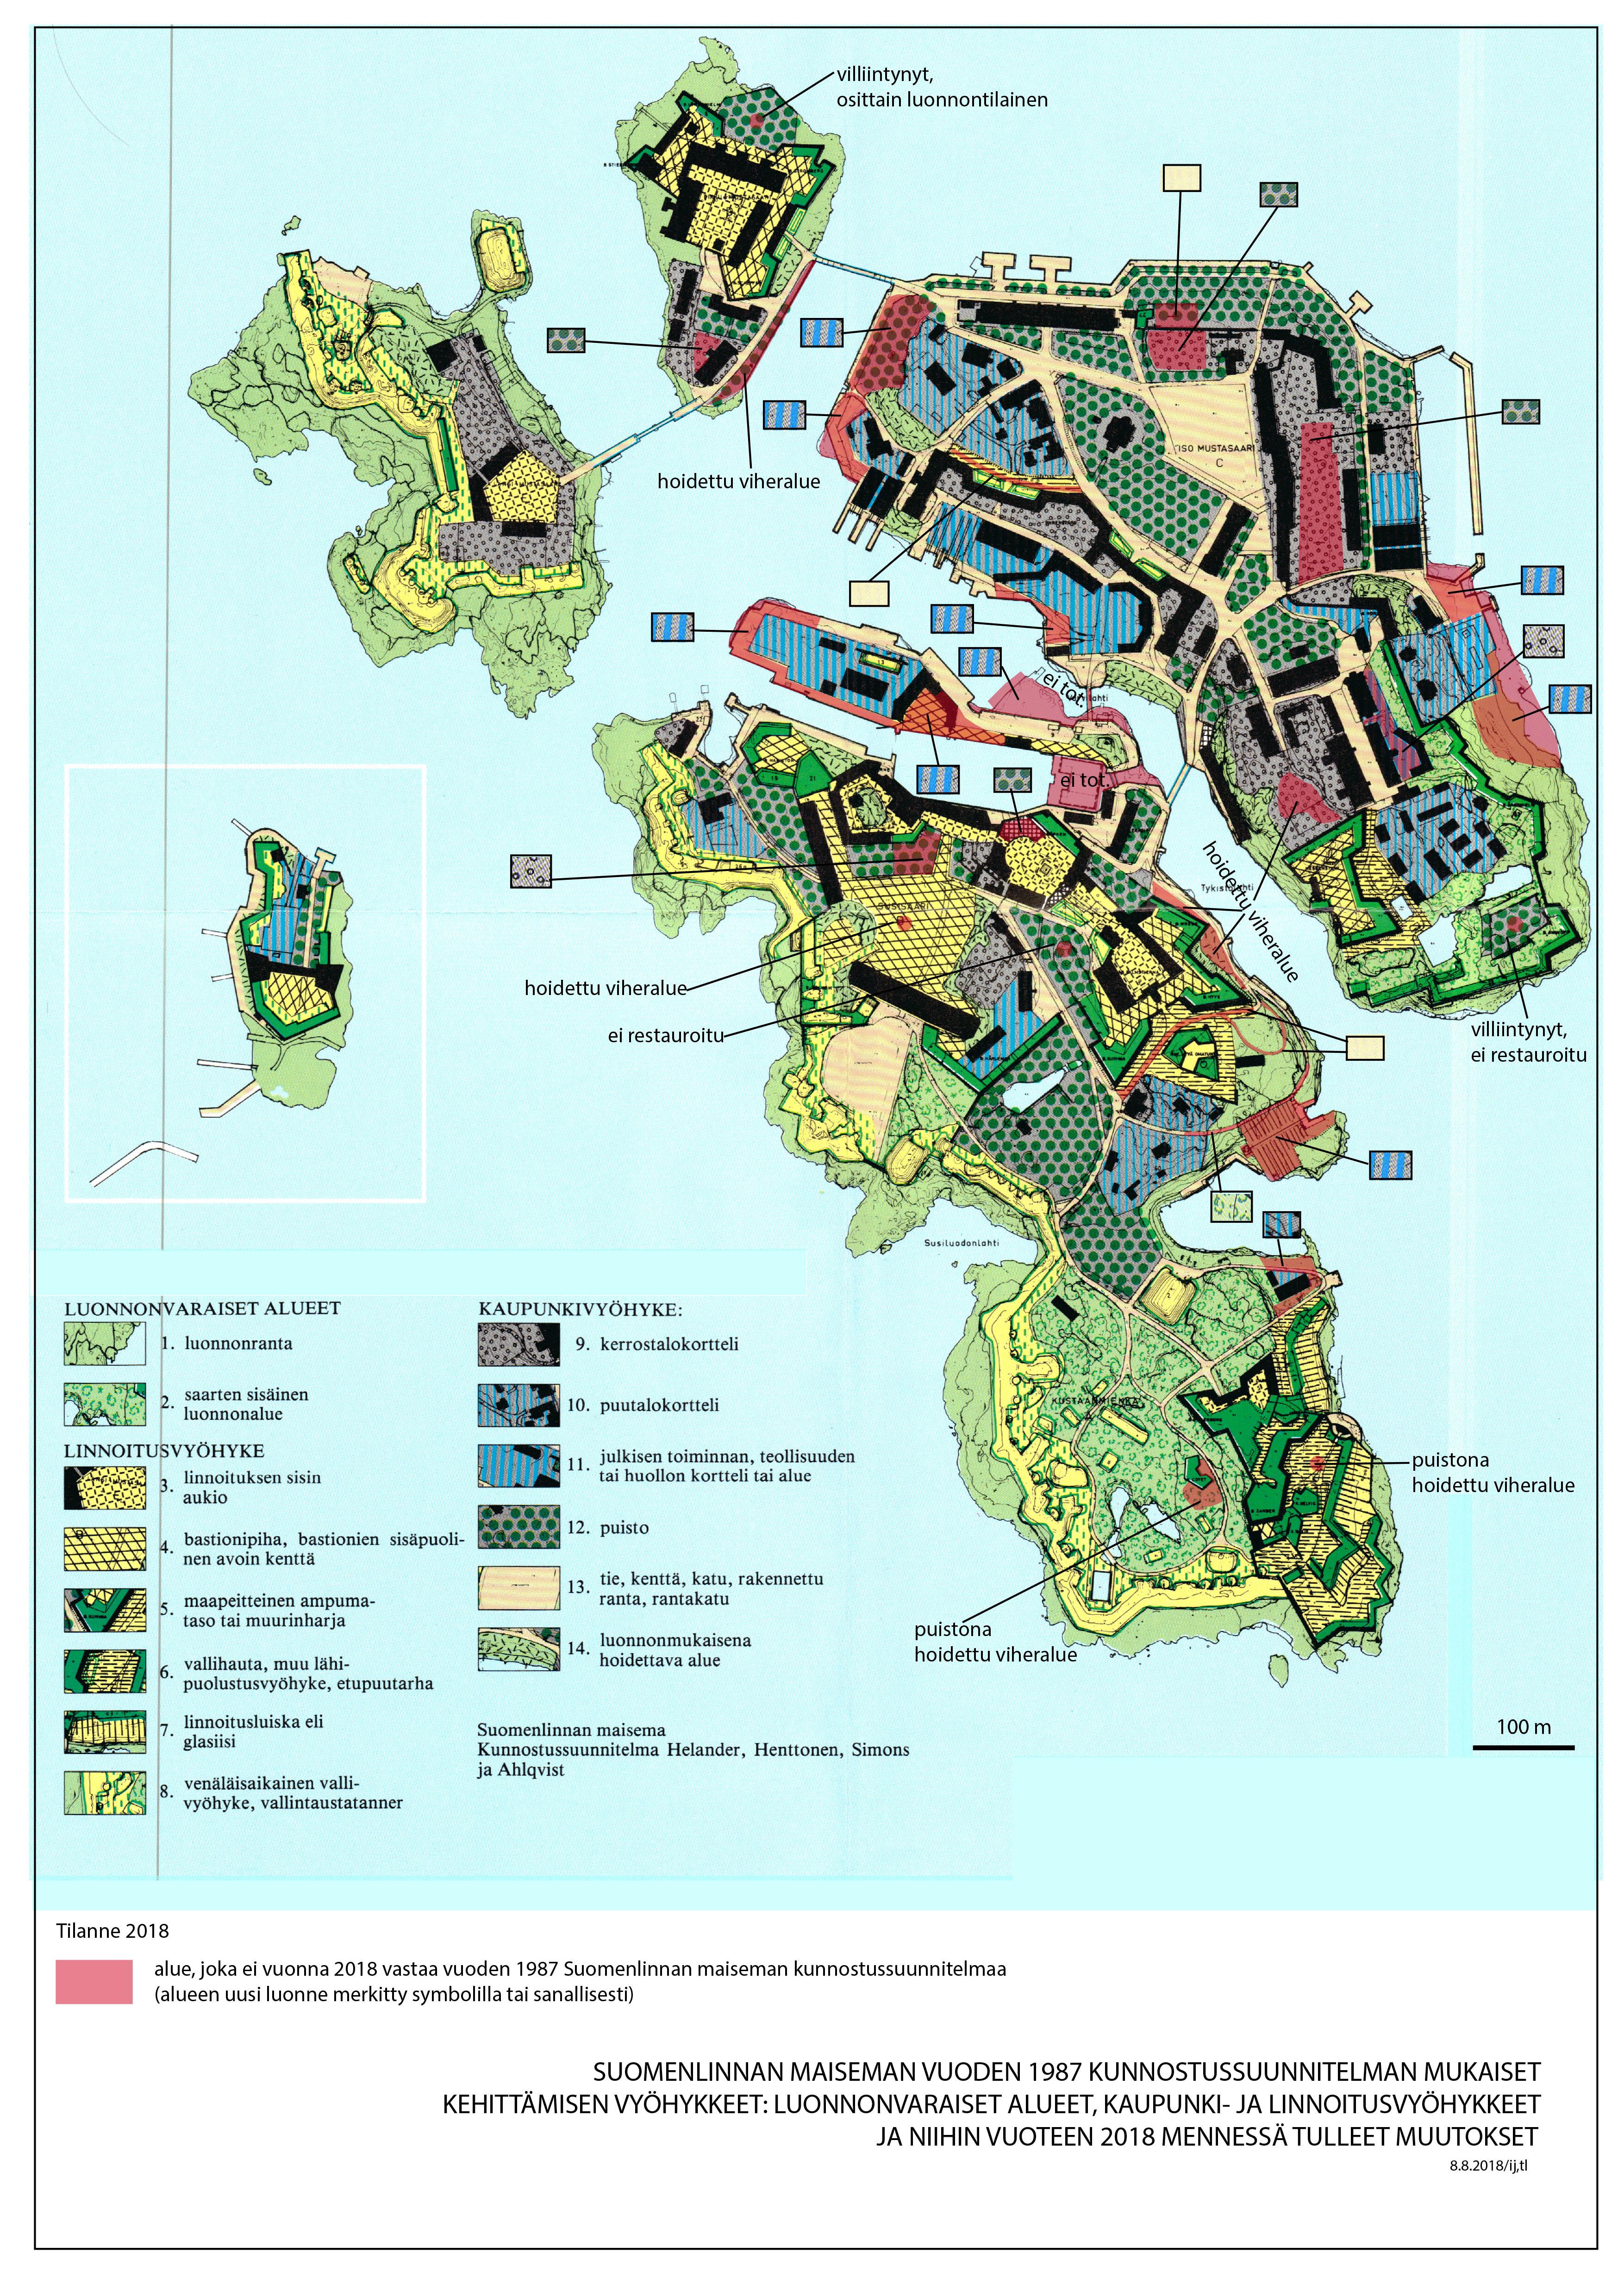 Karttapohja, johon on merkattu eri värein maisemavyöhykkeet.